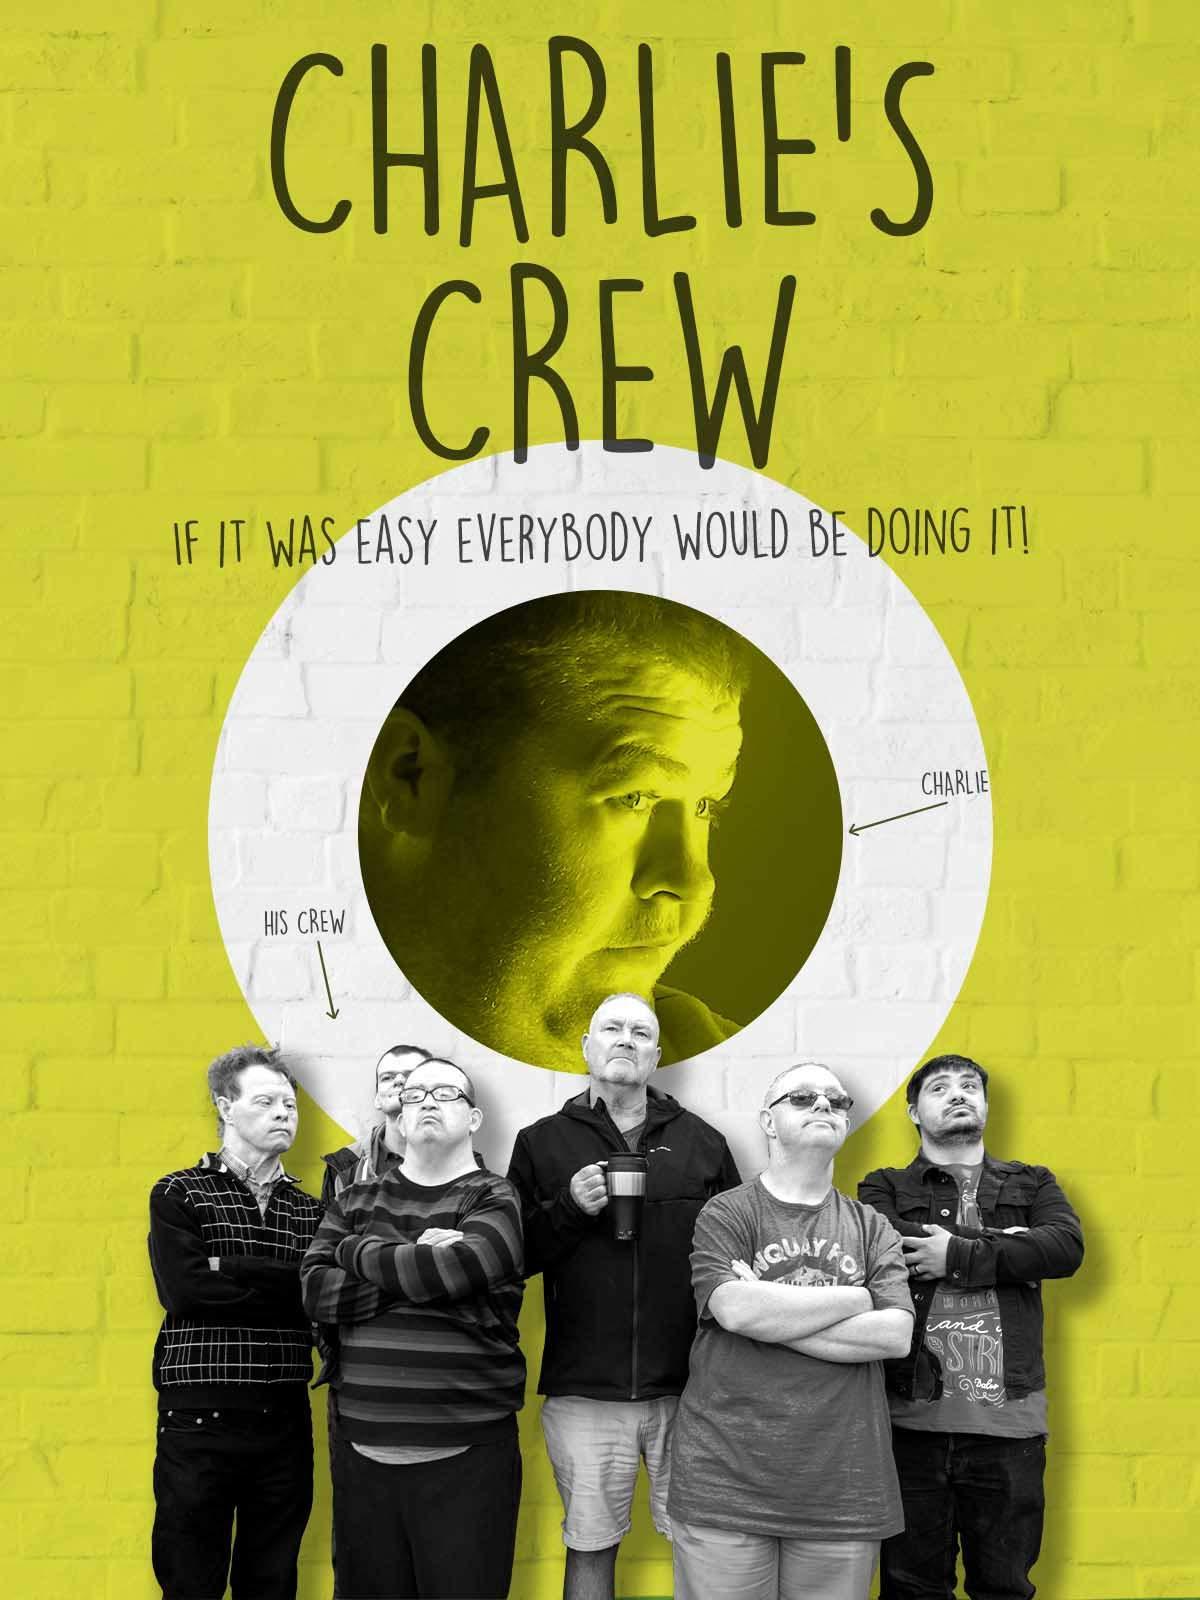 Charlie's Crew